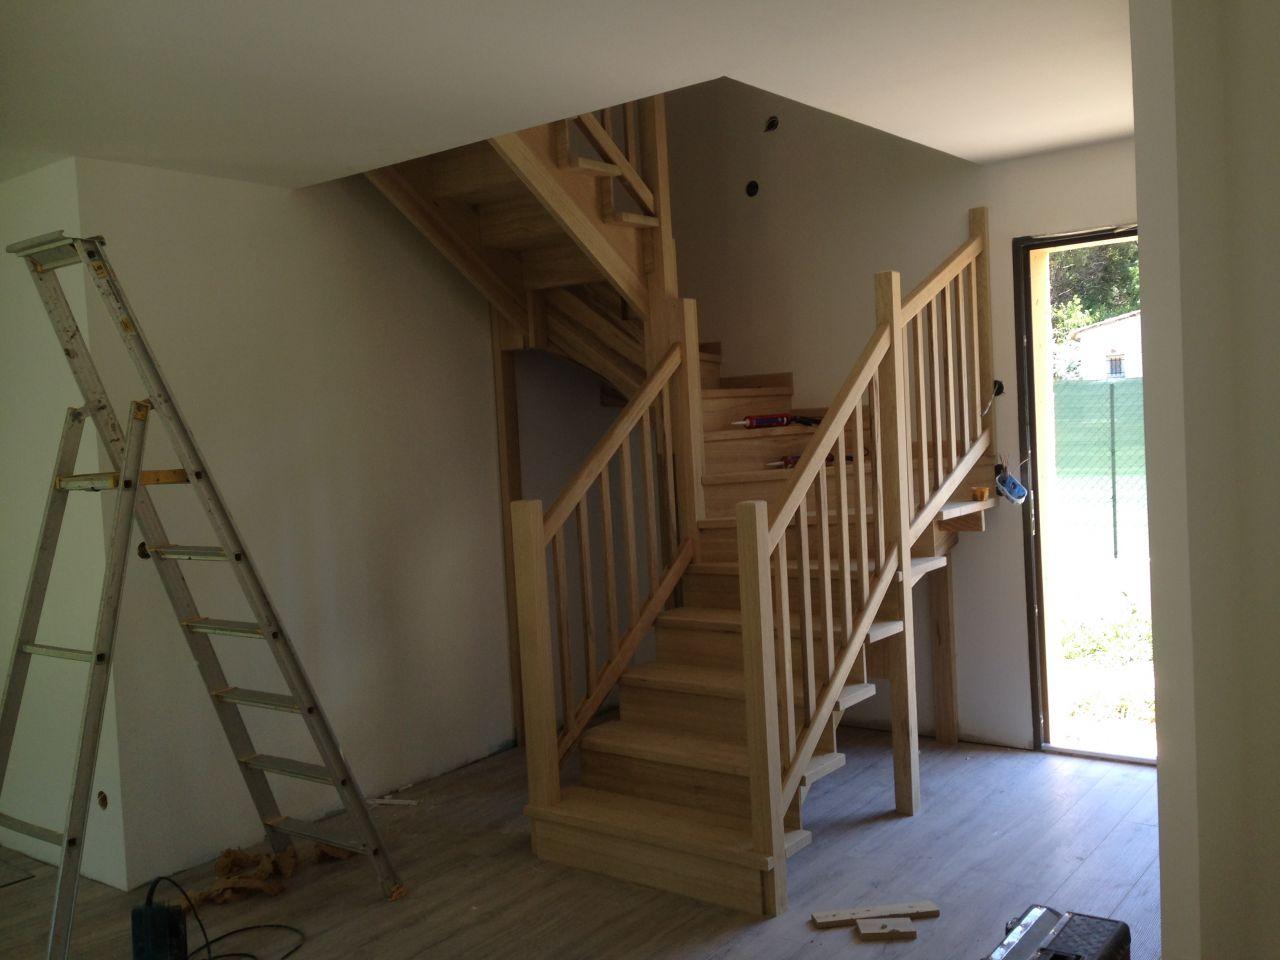 Début du montage de l'escalier 1/2 tournant en frake jaune (bois exotique)